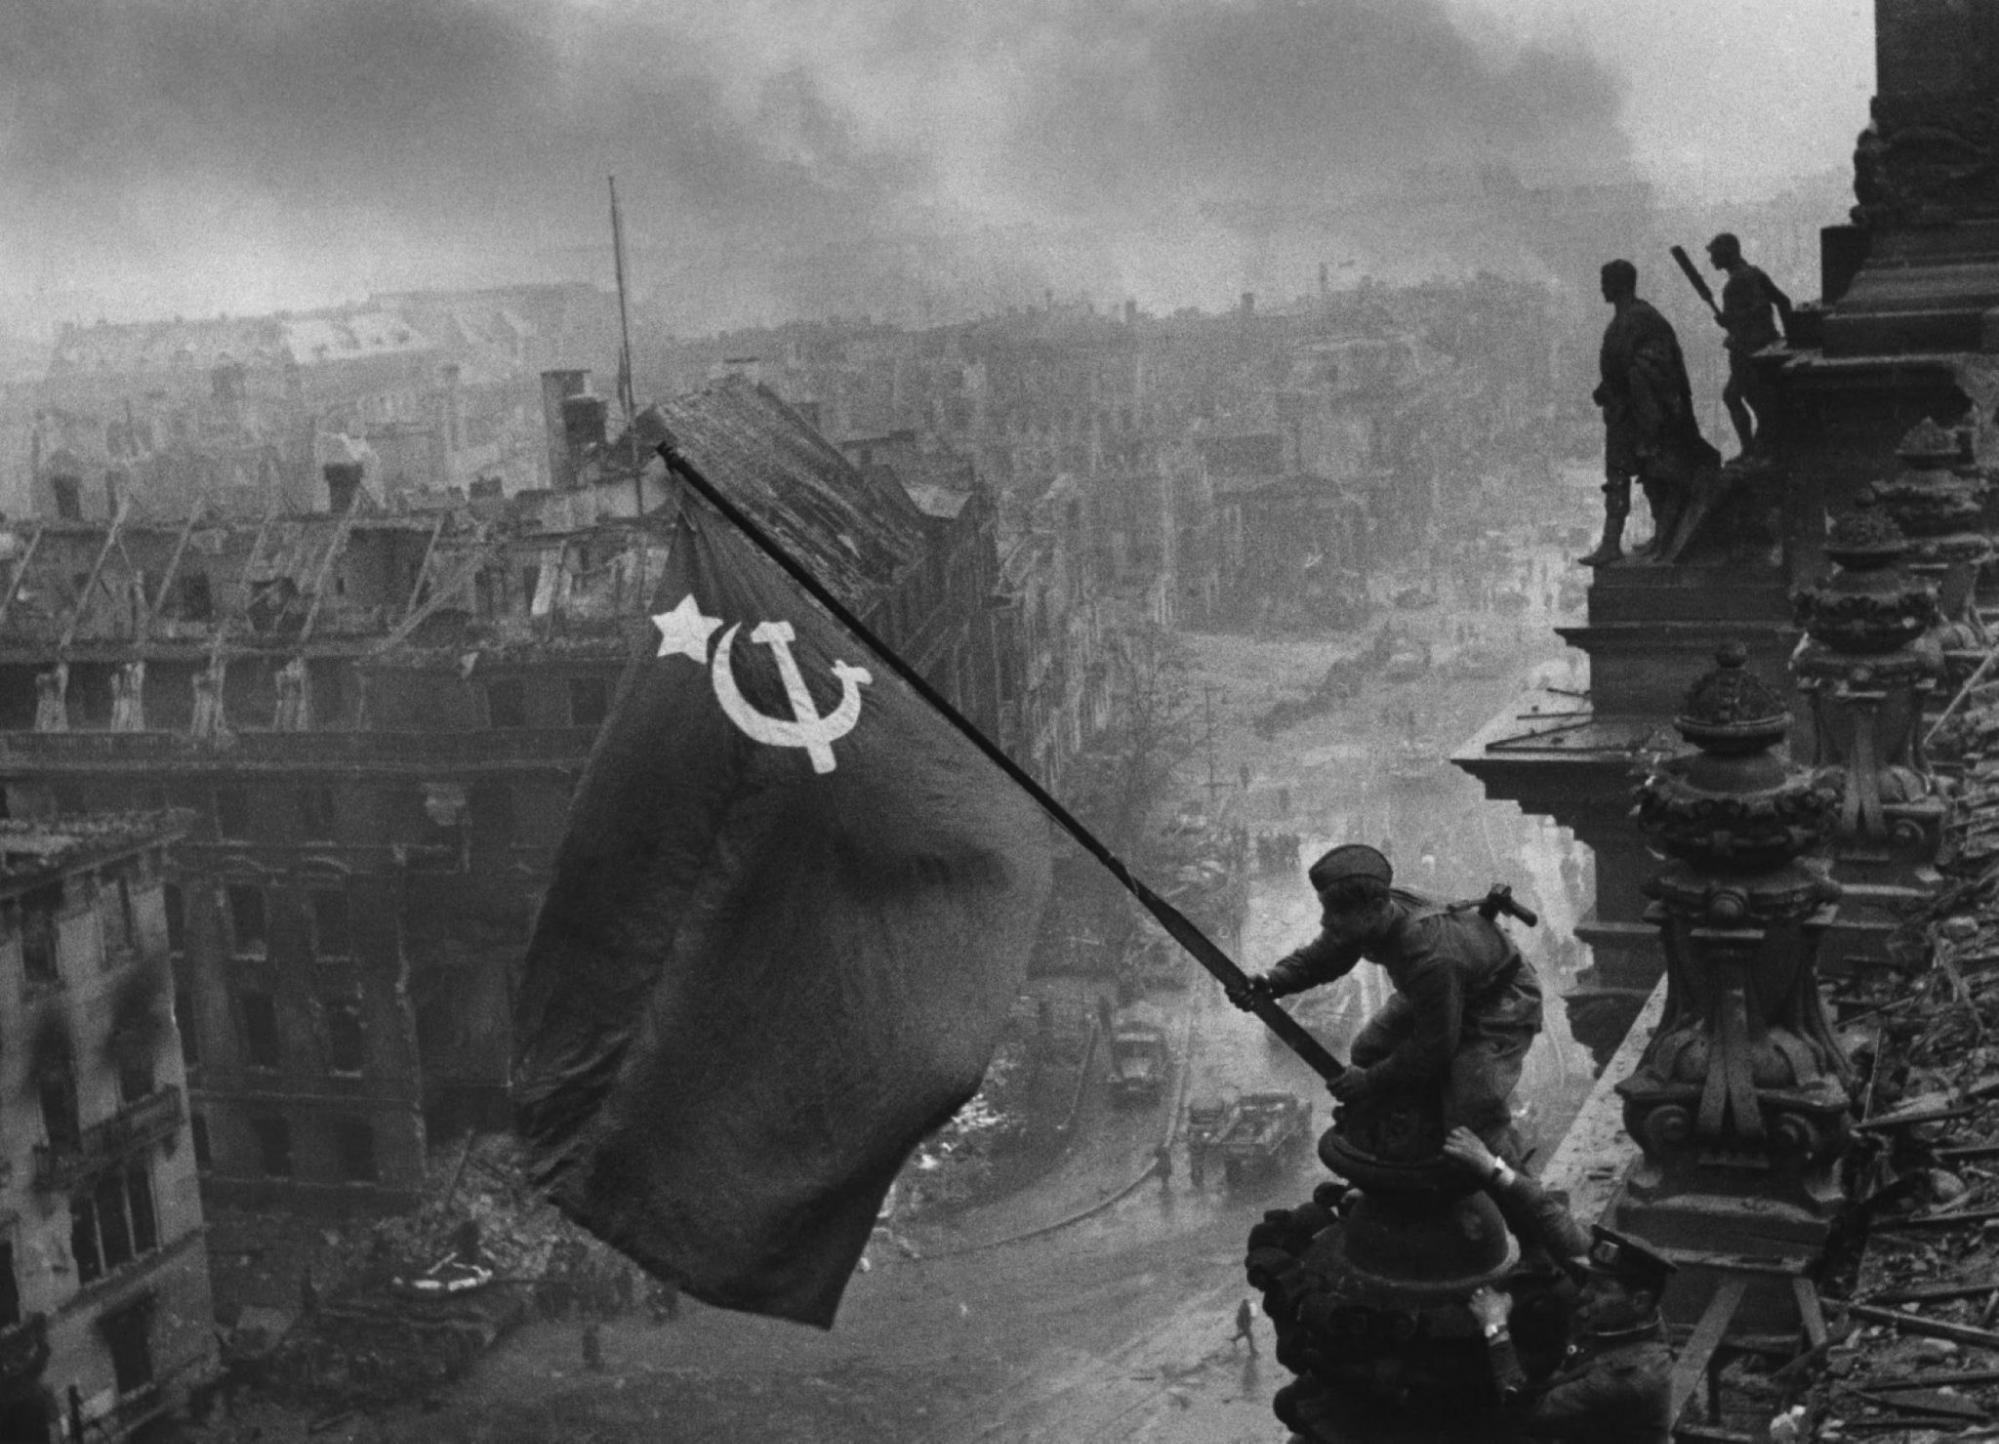 Jewgeni Khaldei - Sowjetischer Soldat hisst im Mai 1945 eine Flagge über dem Reichstag in Berlin